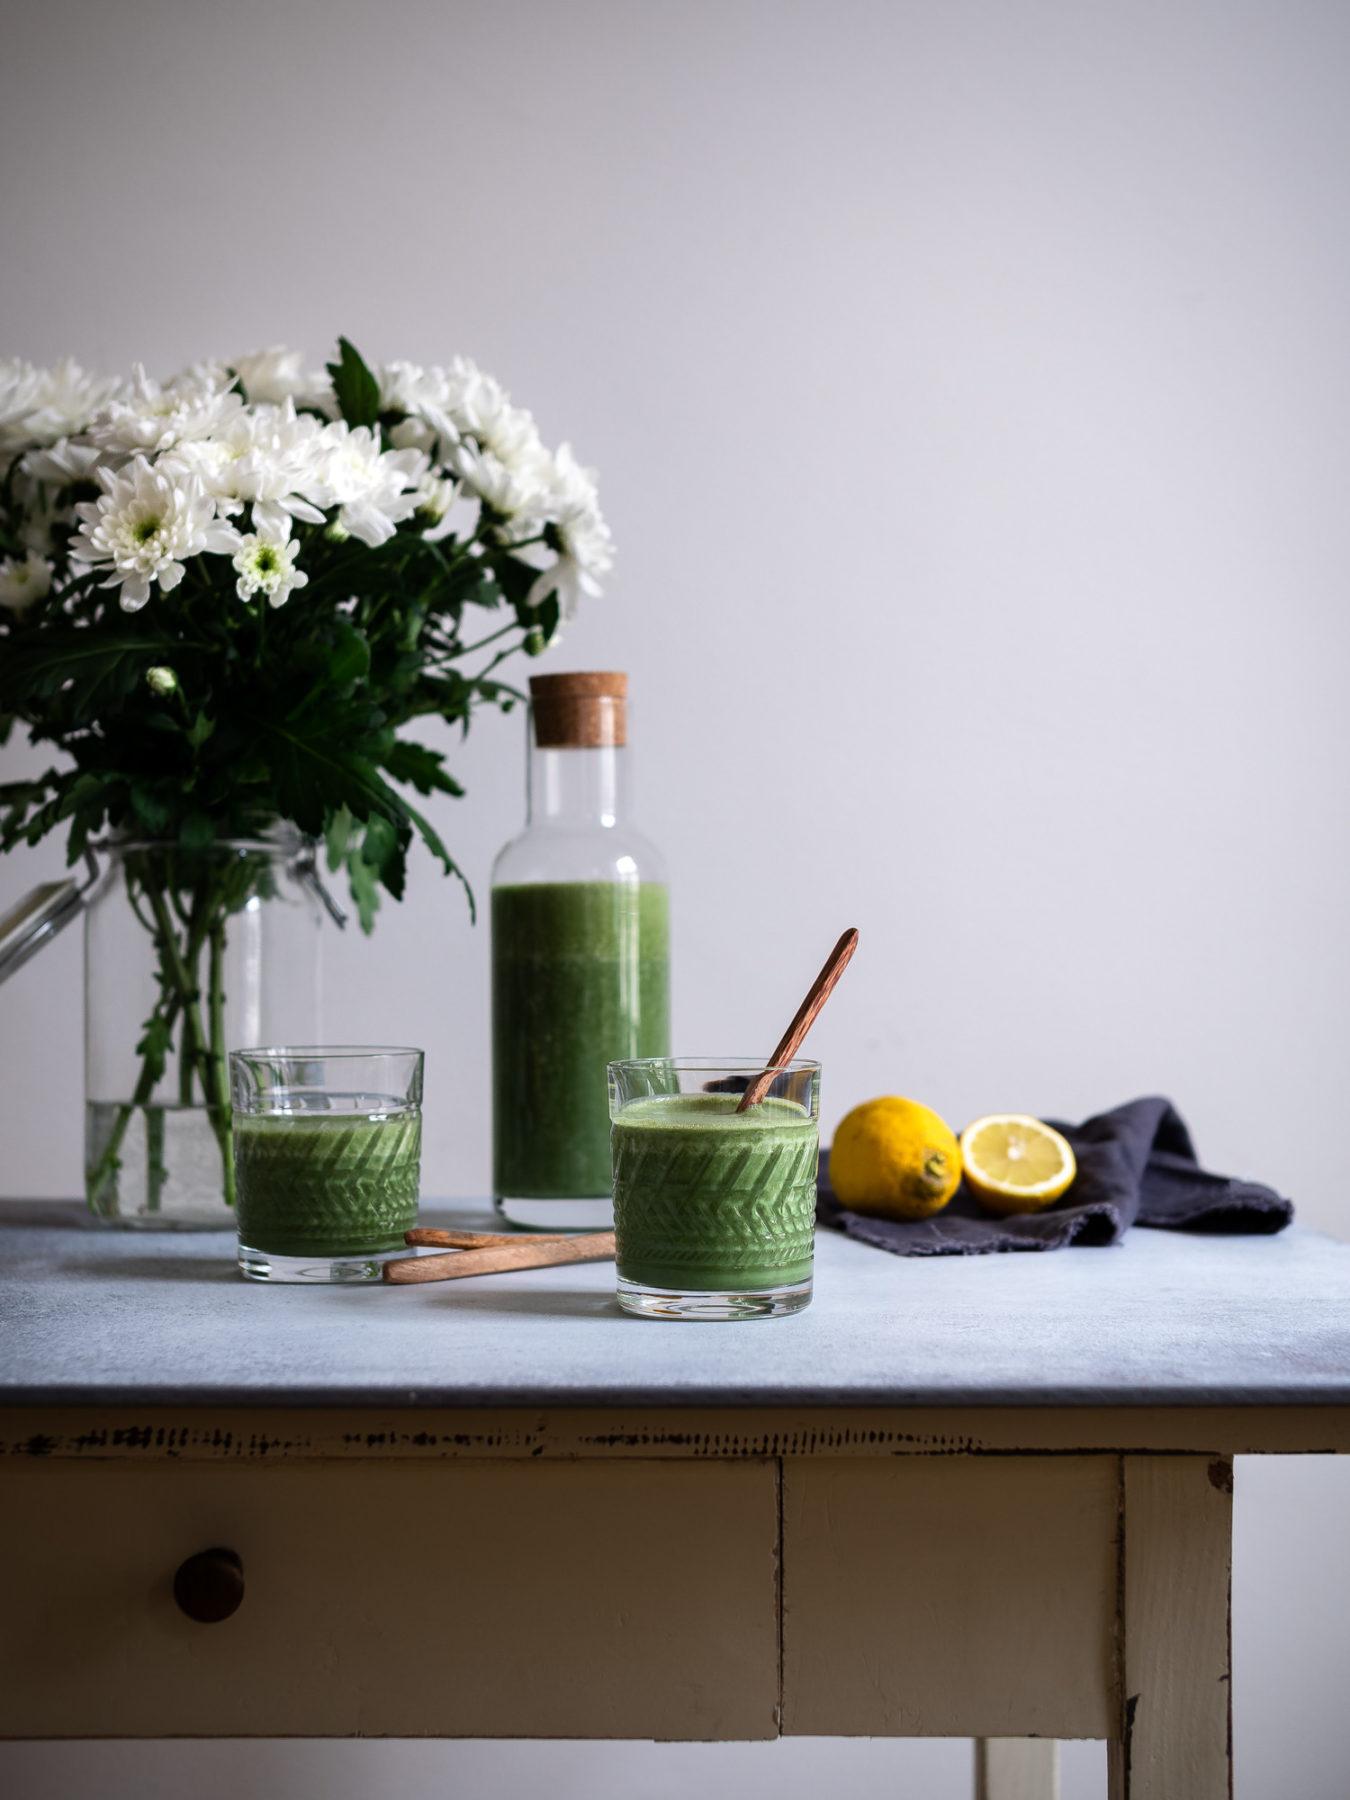 Grüner Spirulina Smoothie auf Tisch